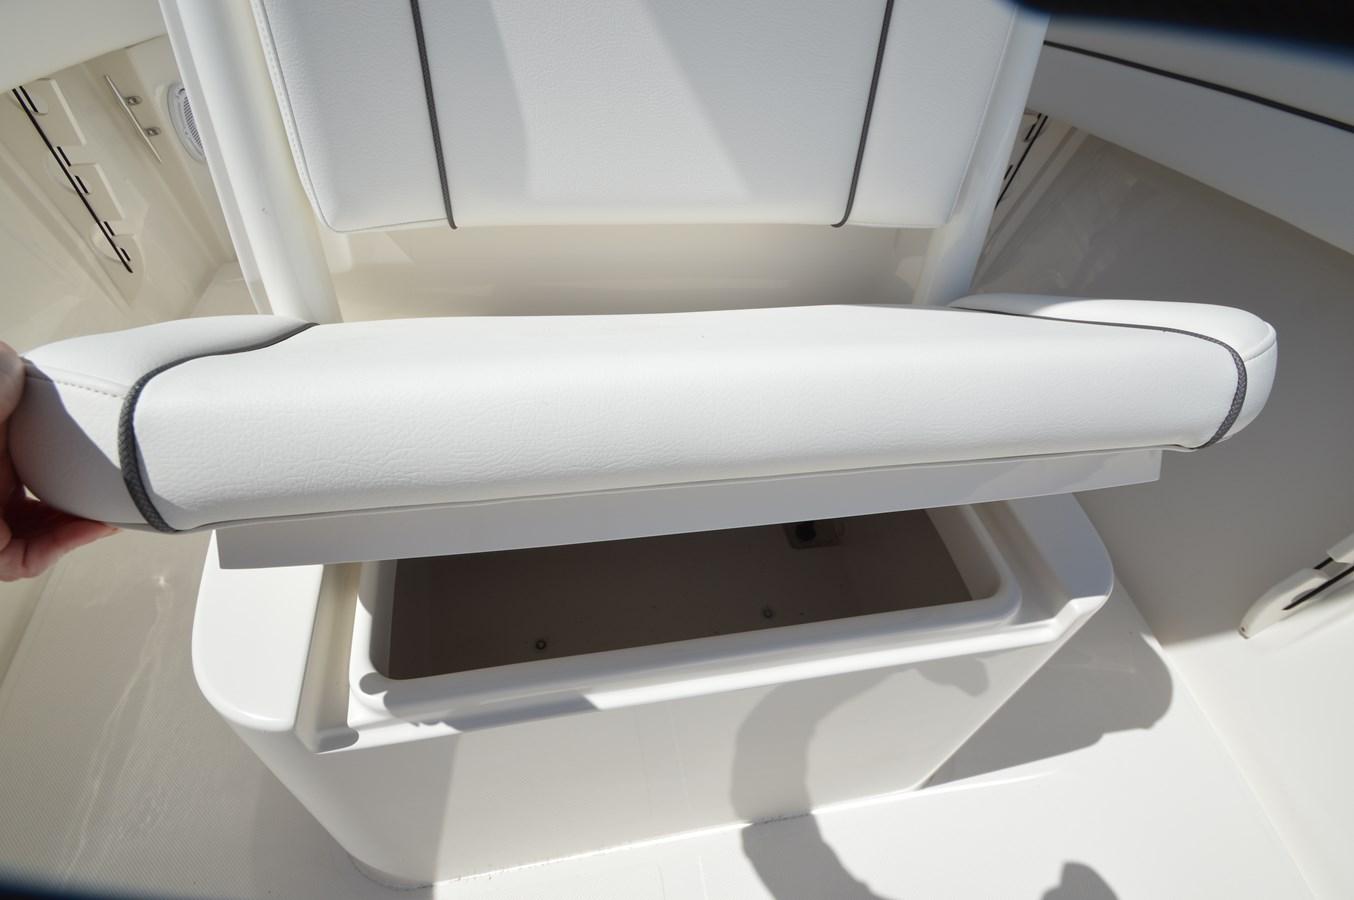 26 Jupiter Cooler Under Seat - 26 JUPITER For Sale